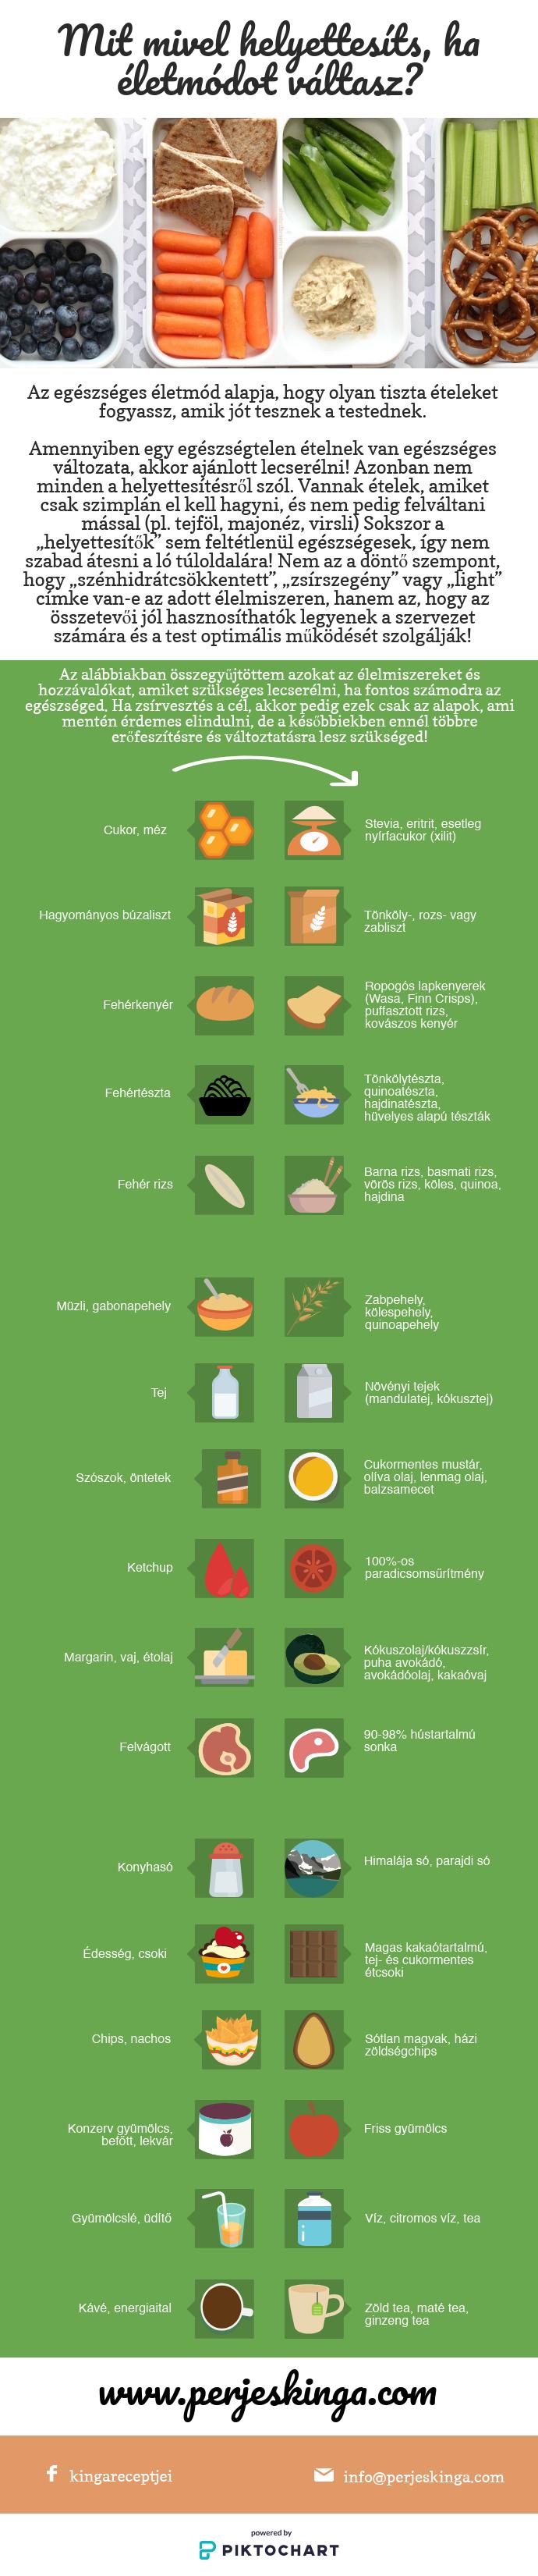 otthoni tippek a zsírvesztéshez